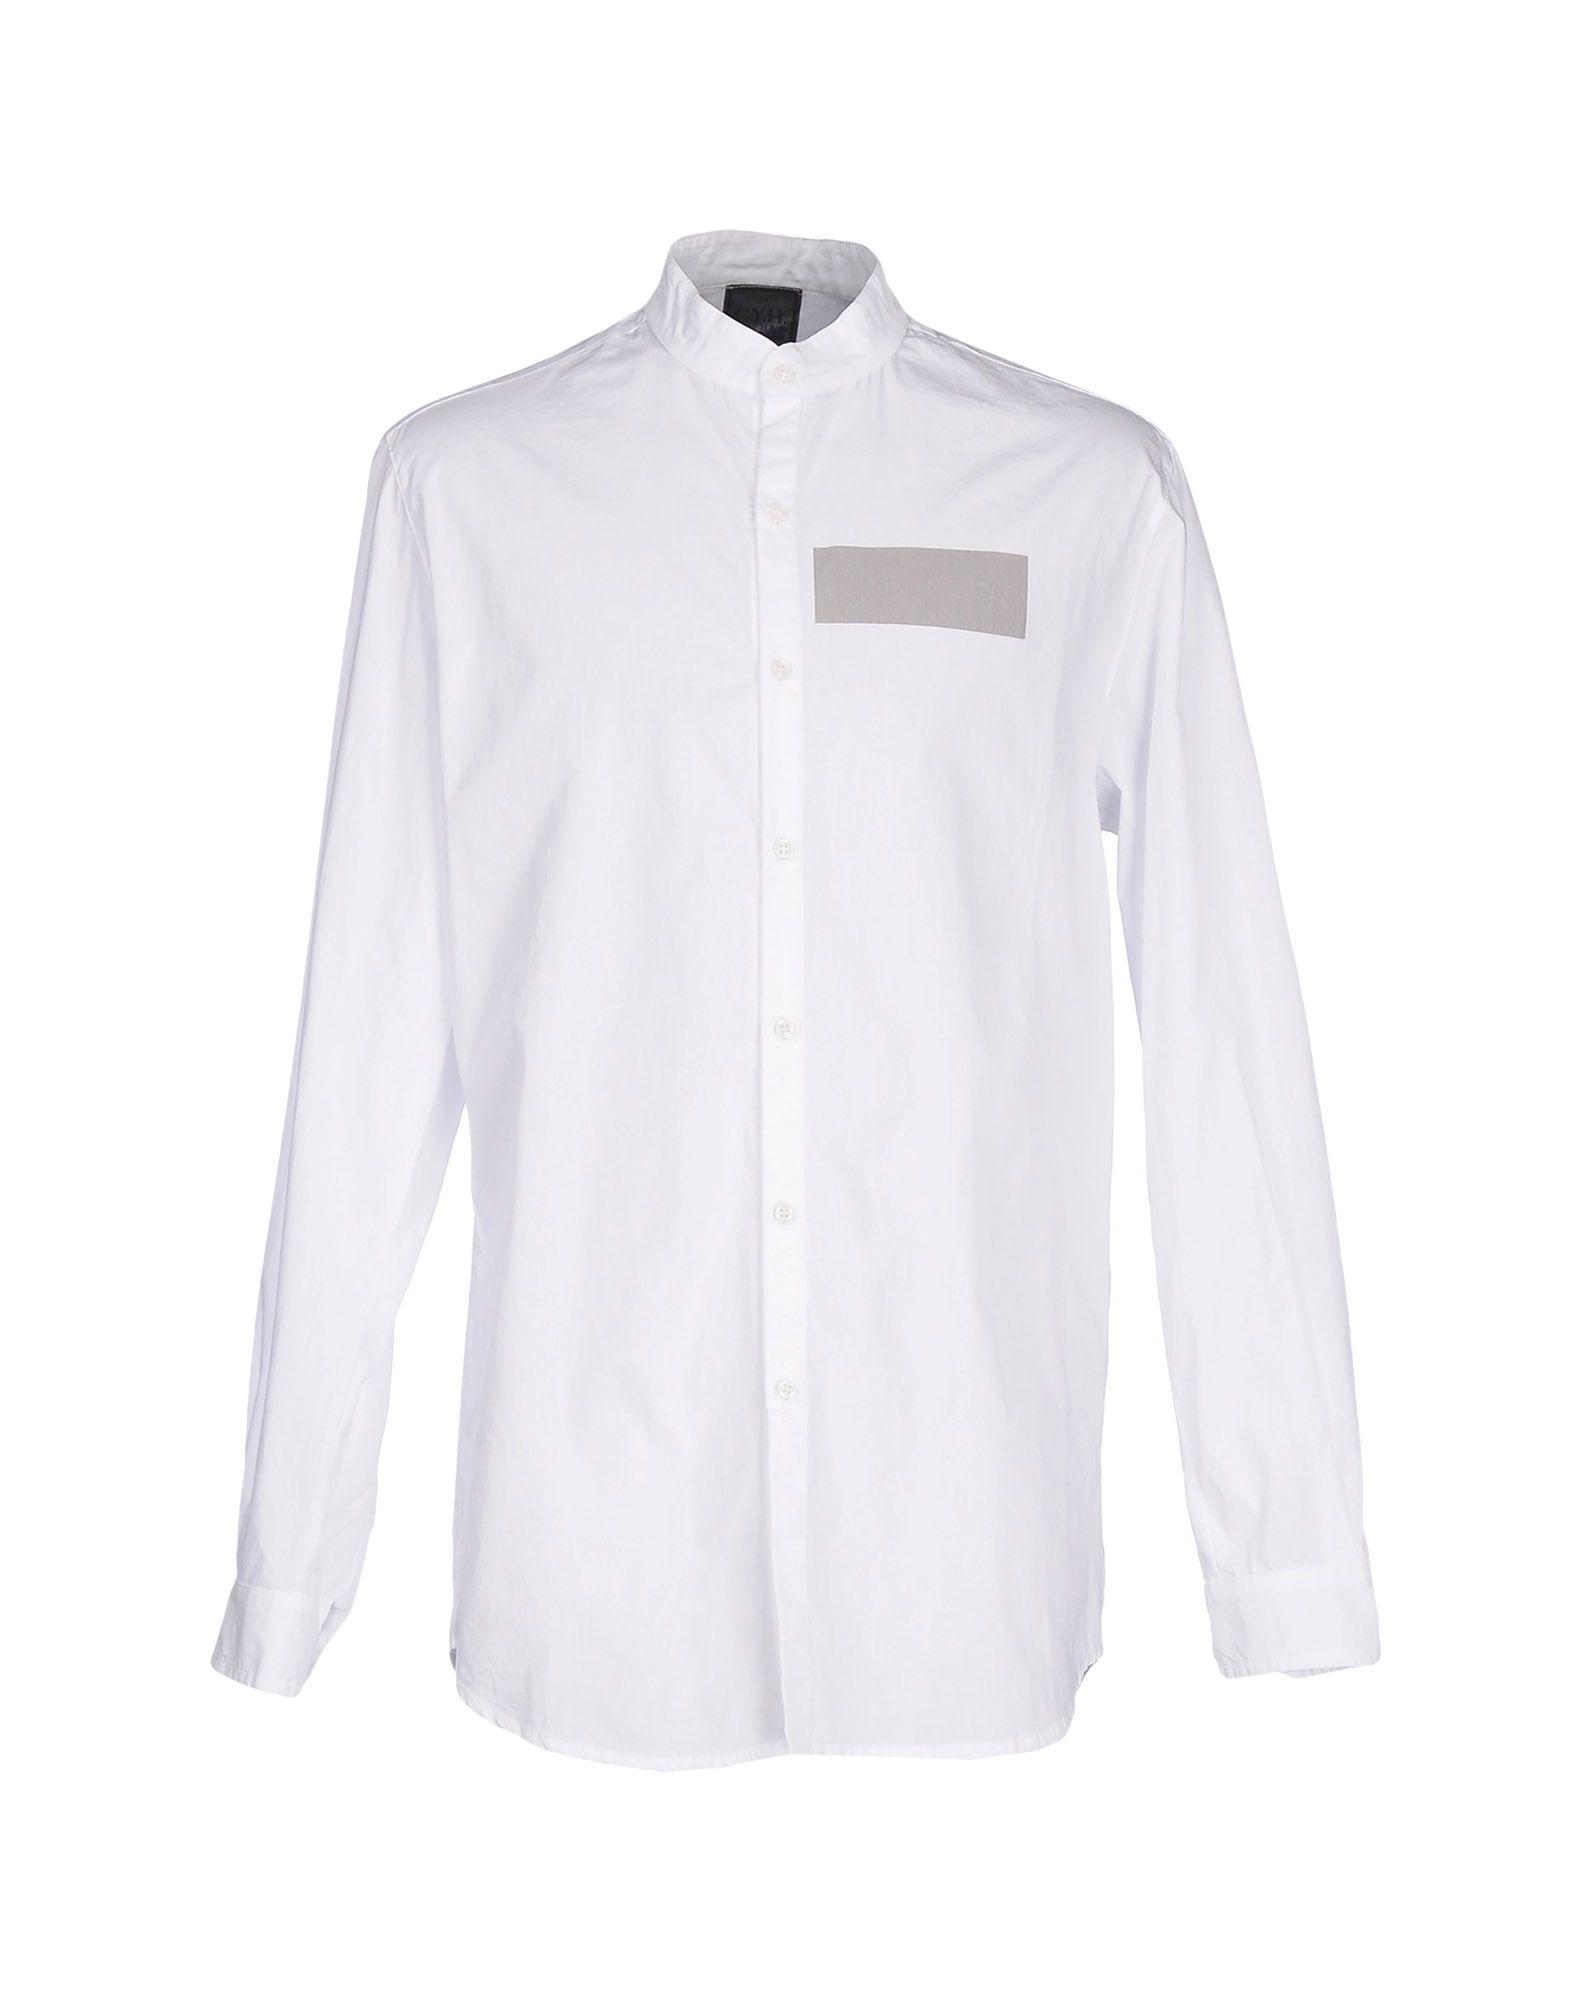 Camicia Camicia Camicia Tinta Unita C.Y.H. Clap Your Hand uomo - 38550203HH e08